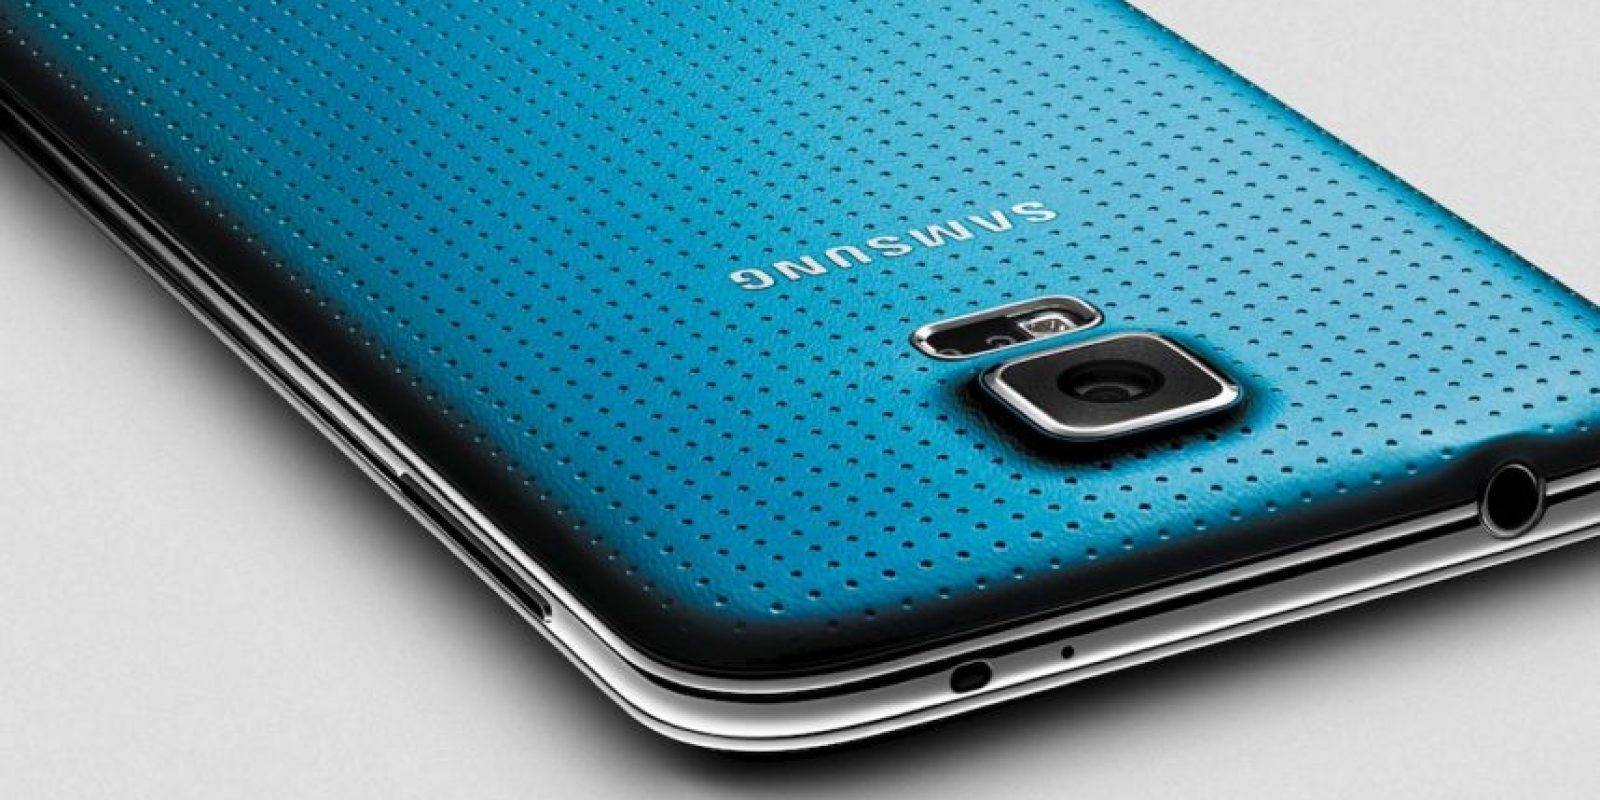 Su batería dura 7 horas y 38 minutos. Foto:Samsung